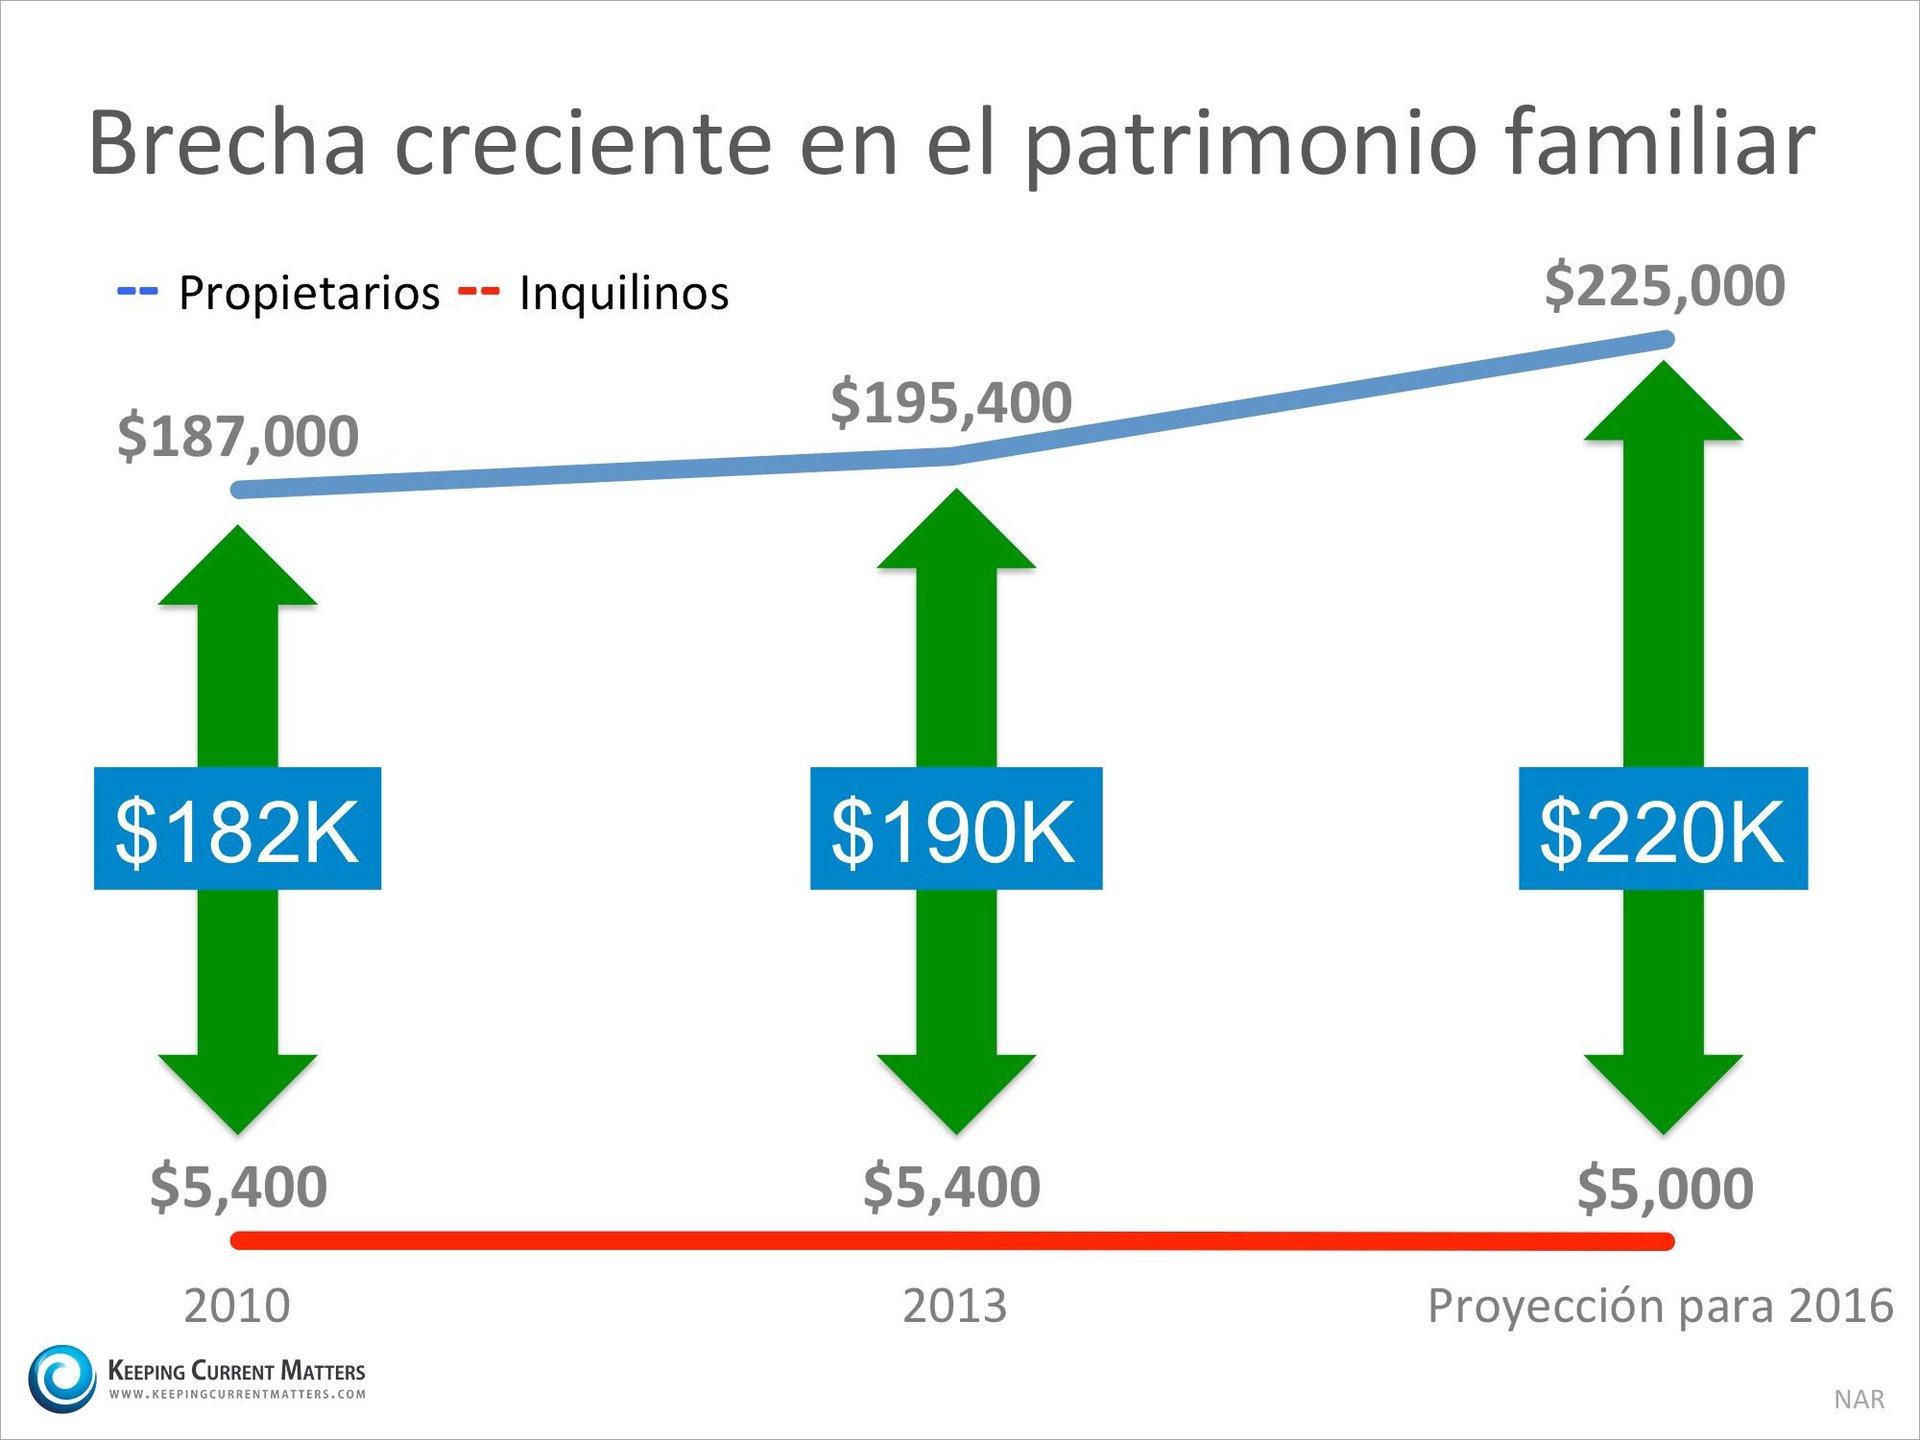 El patrimonio neto de un propietario es 45 veces mayor que el de un arrendatario| Keeping Current Matters